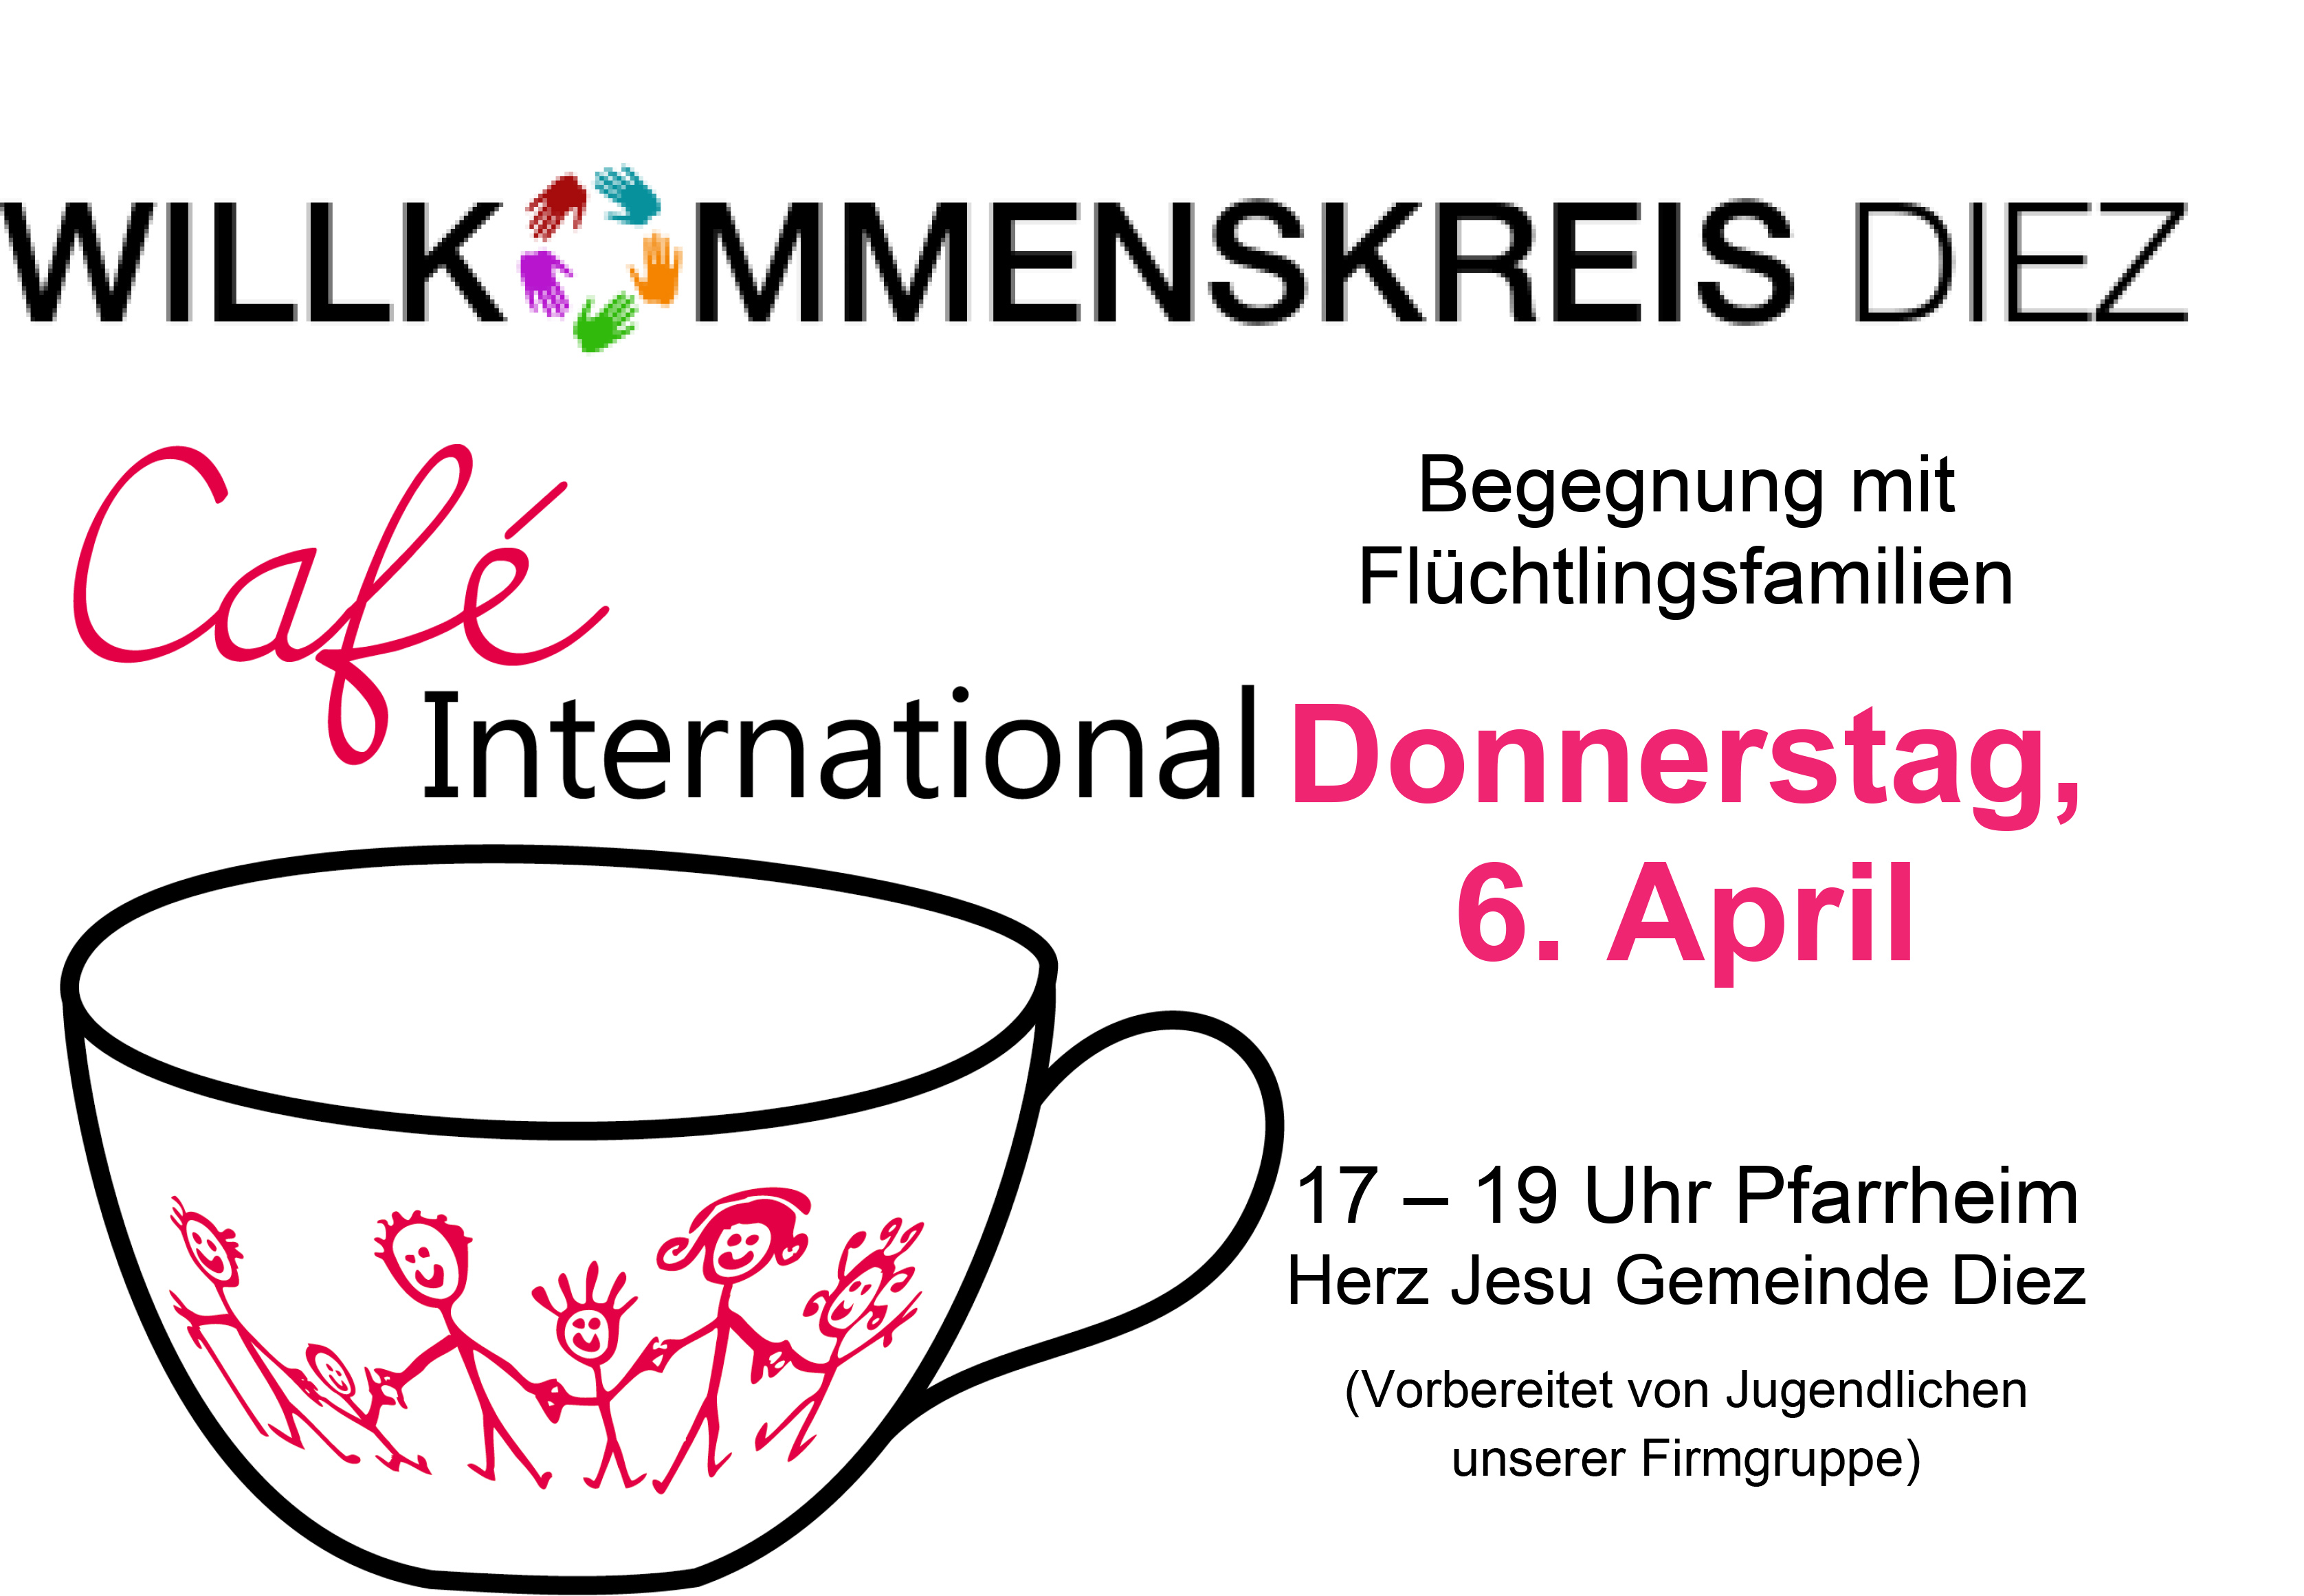 willkommenskreis einladung zu cafe international, Einladung